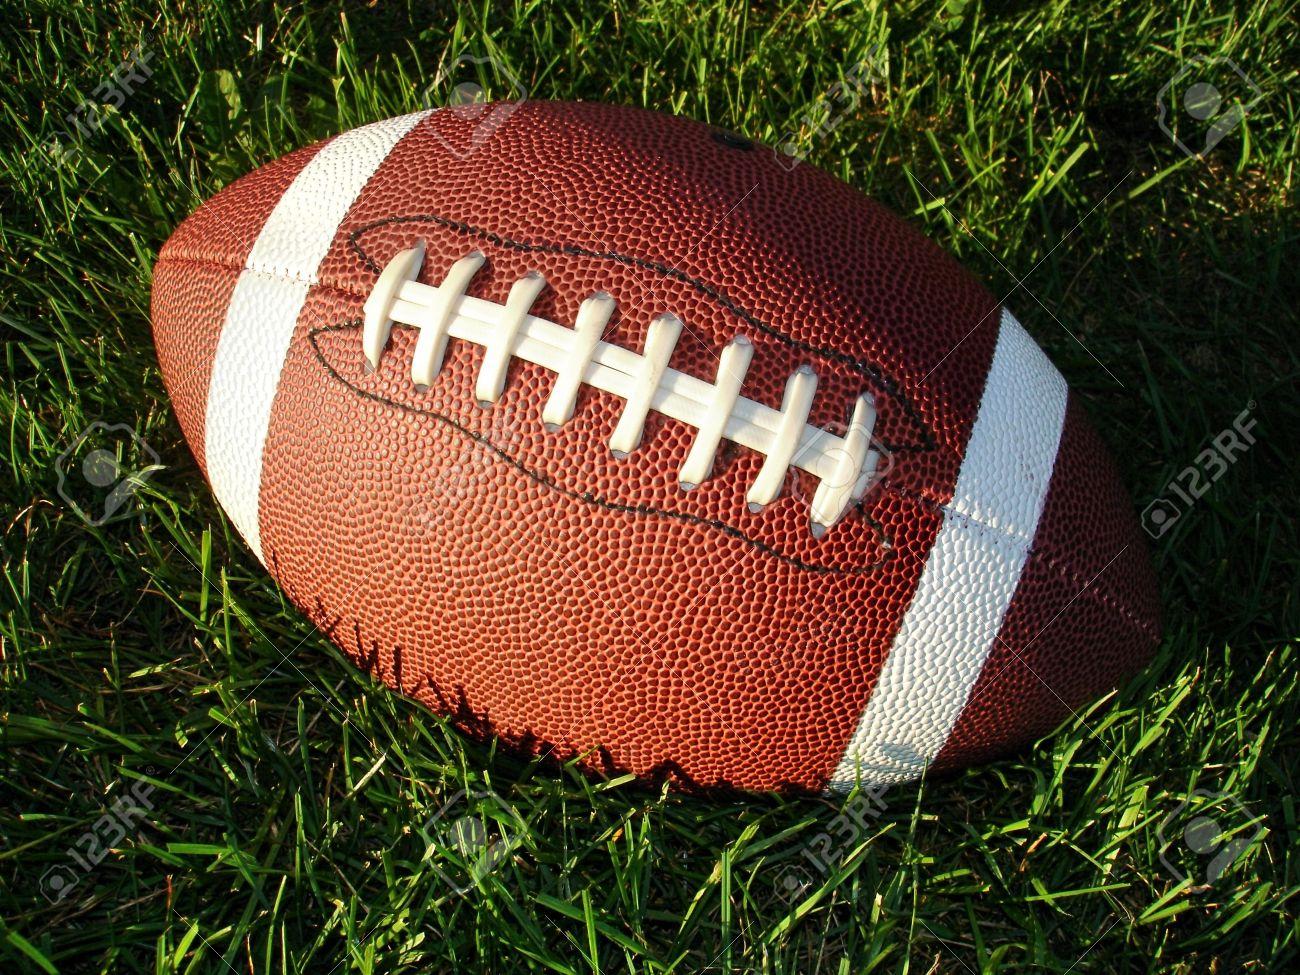 Big Game 52 Prediction: The Underdog Eagles Will Triumph